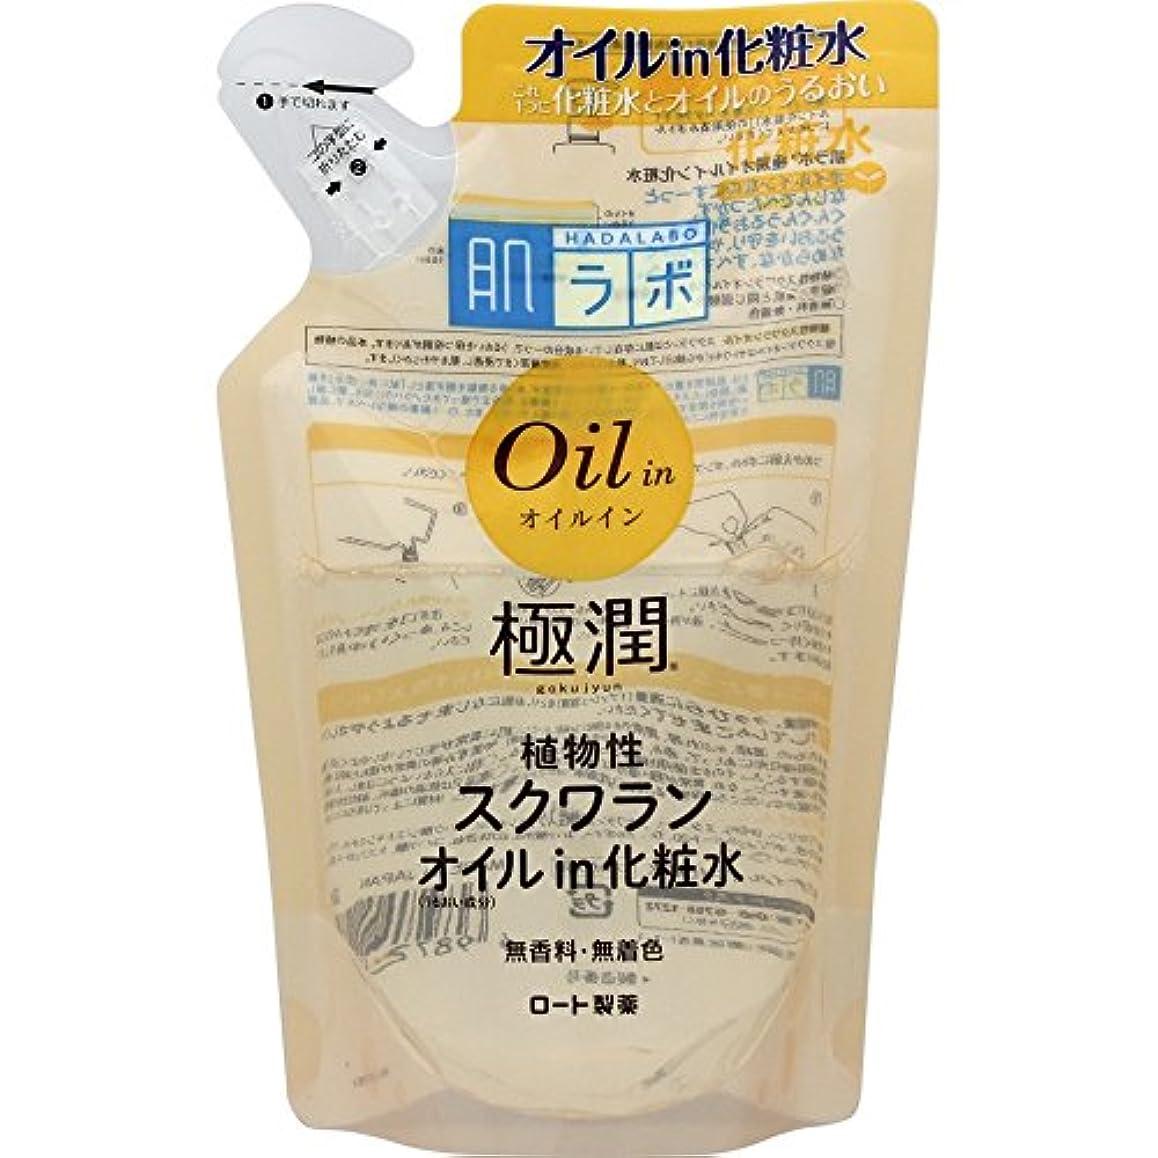 ポータブル微生物クール肌ラボ 極潤オイルイン化粧水 <詰替用> 植物性スクワランオイル配合 220ml